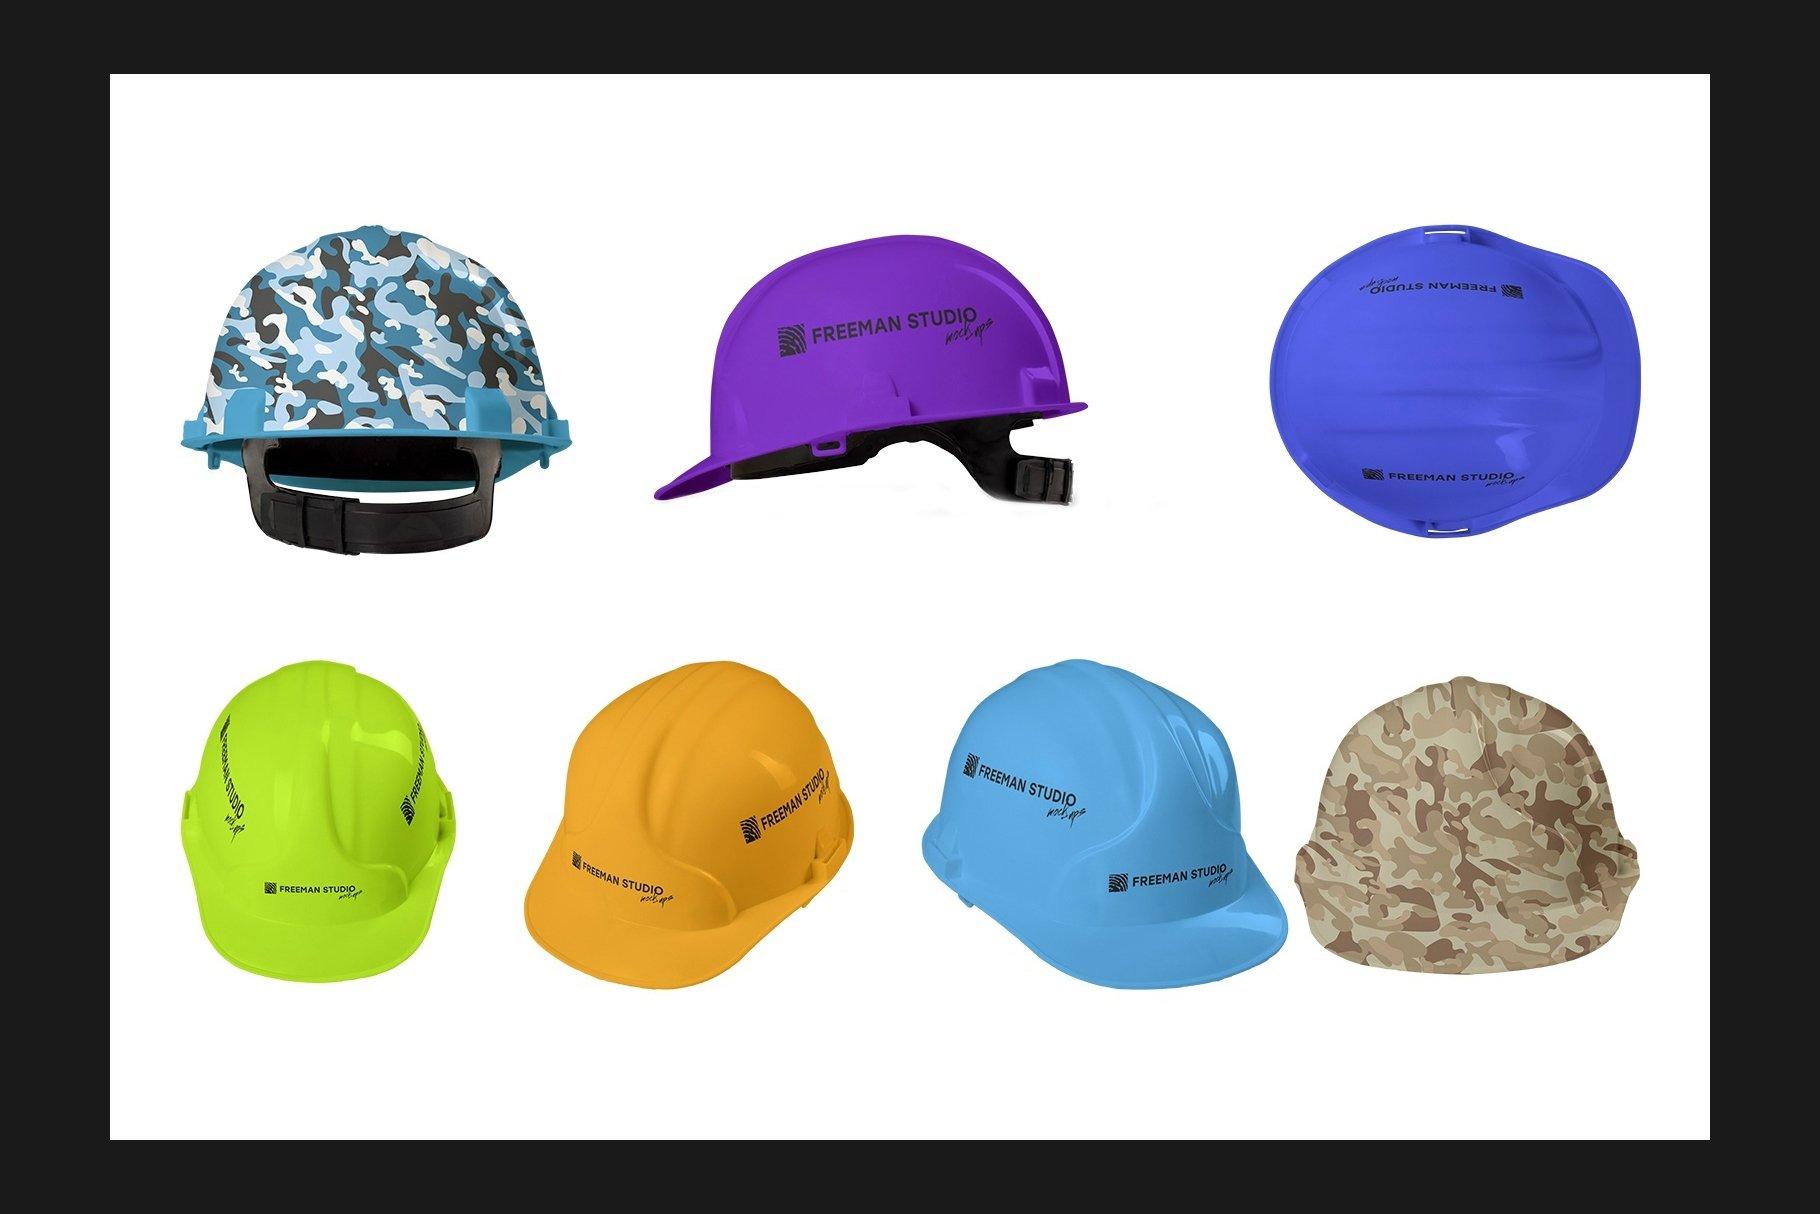 45个超大工装帽子安全帽品牌Logo设计智能贴图样机PSD模版素材 Working Overalls Suit Mock-Up Set插图14